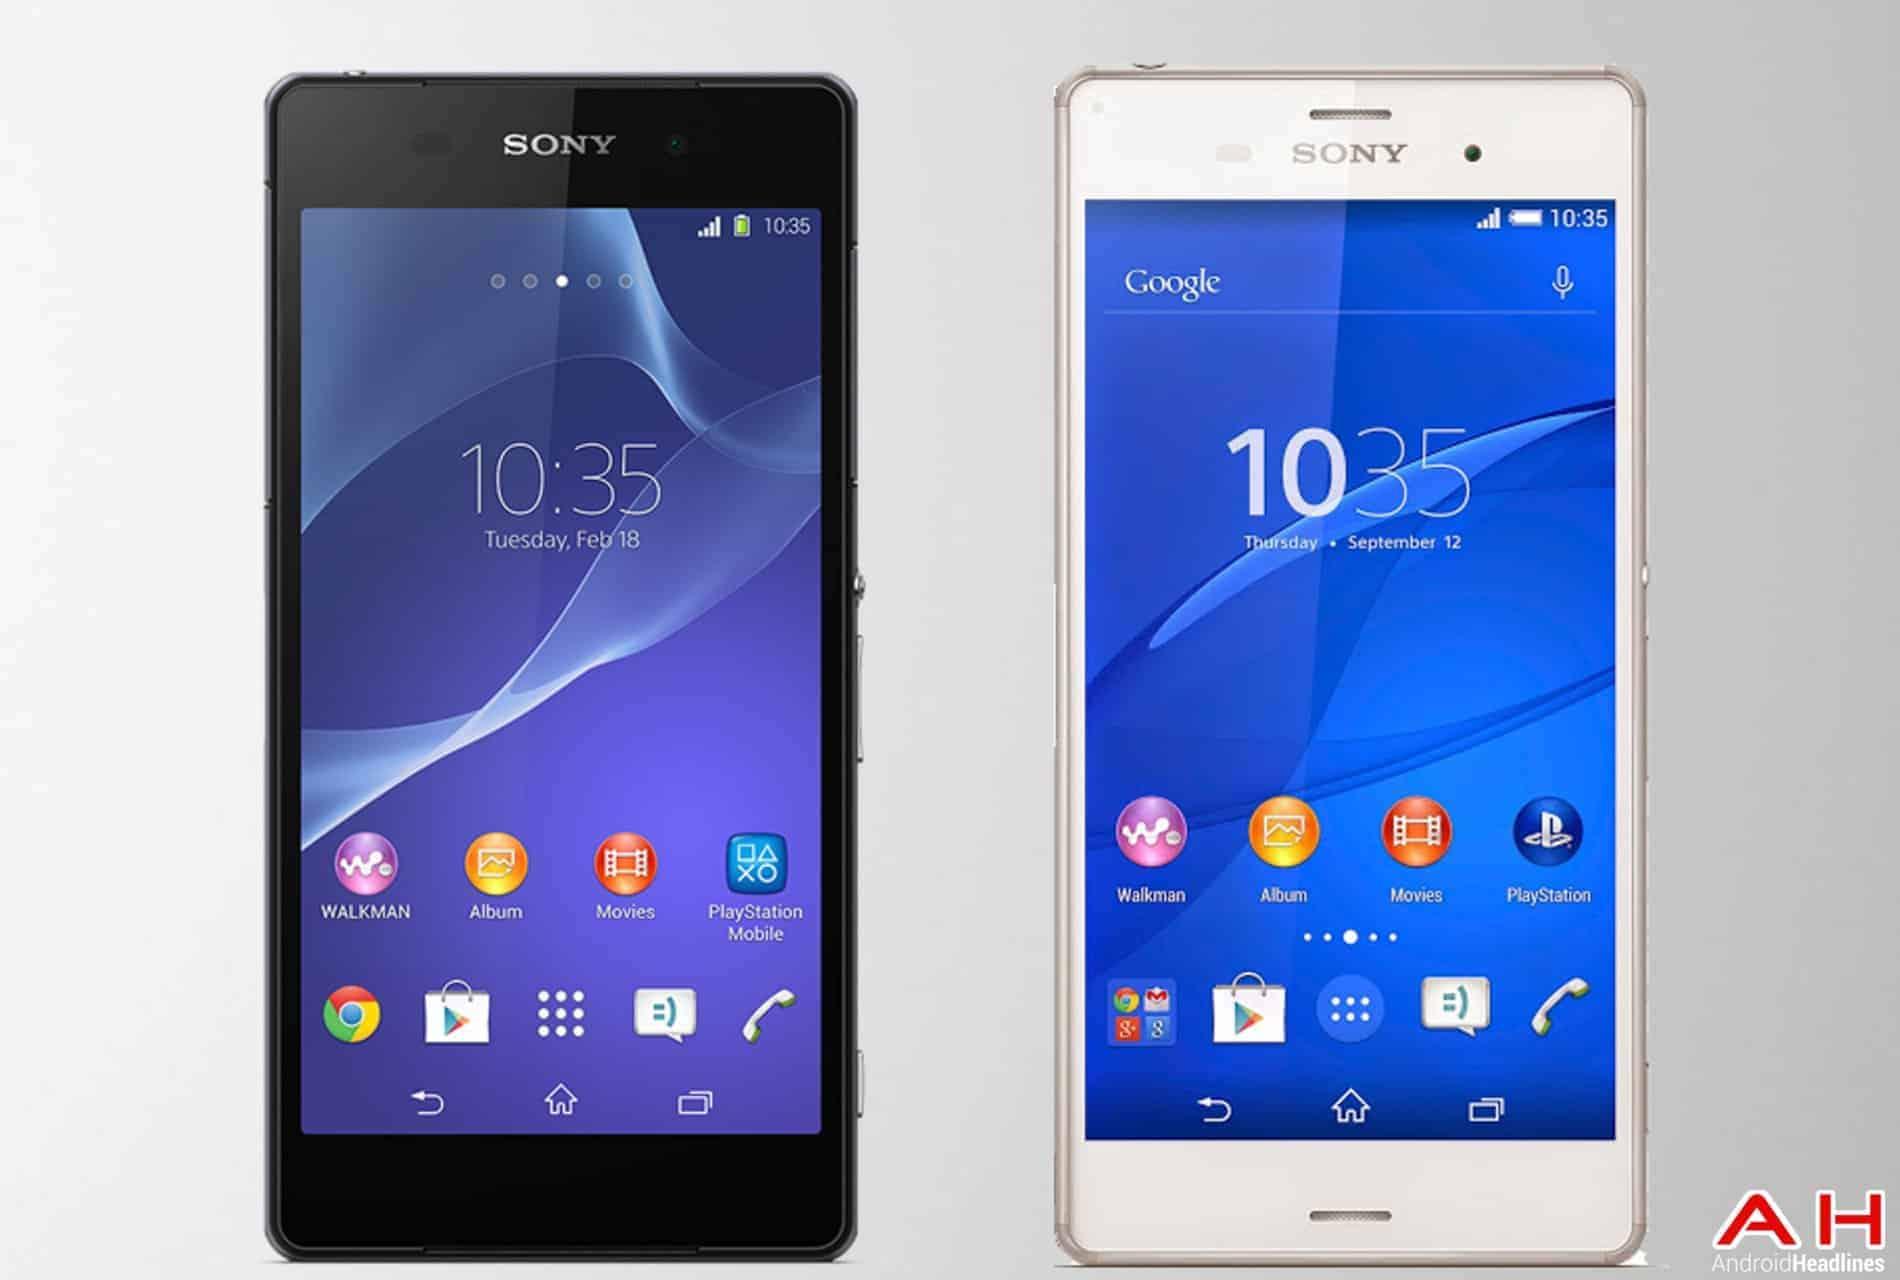 AH Sony Xperia Z2 vs Sony Xperia Z3